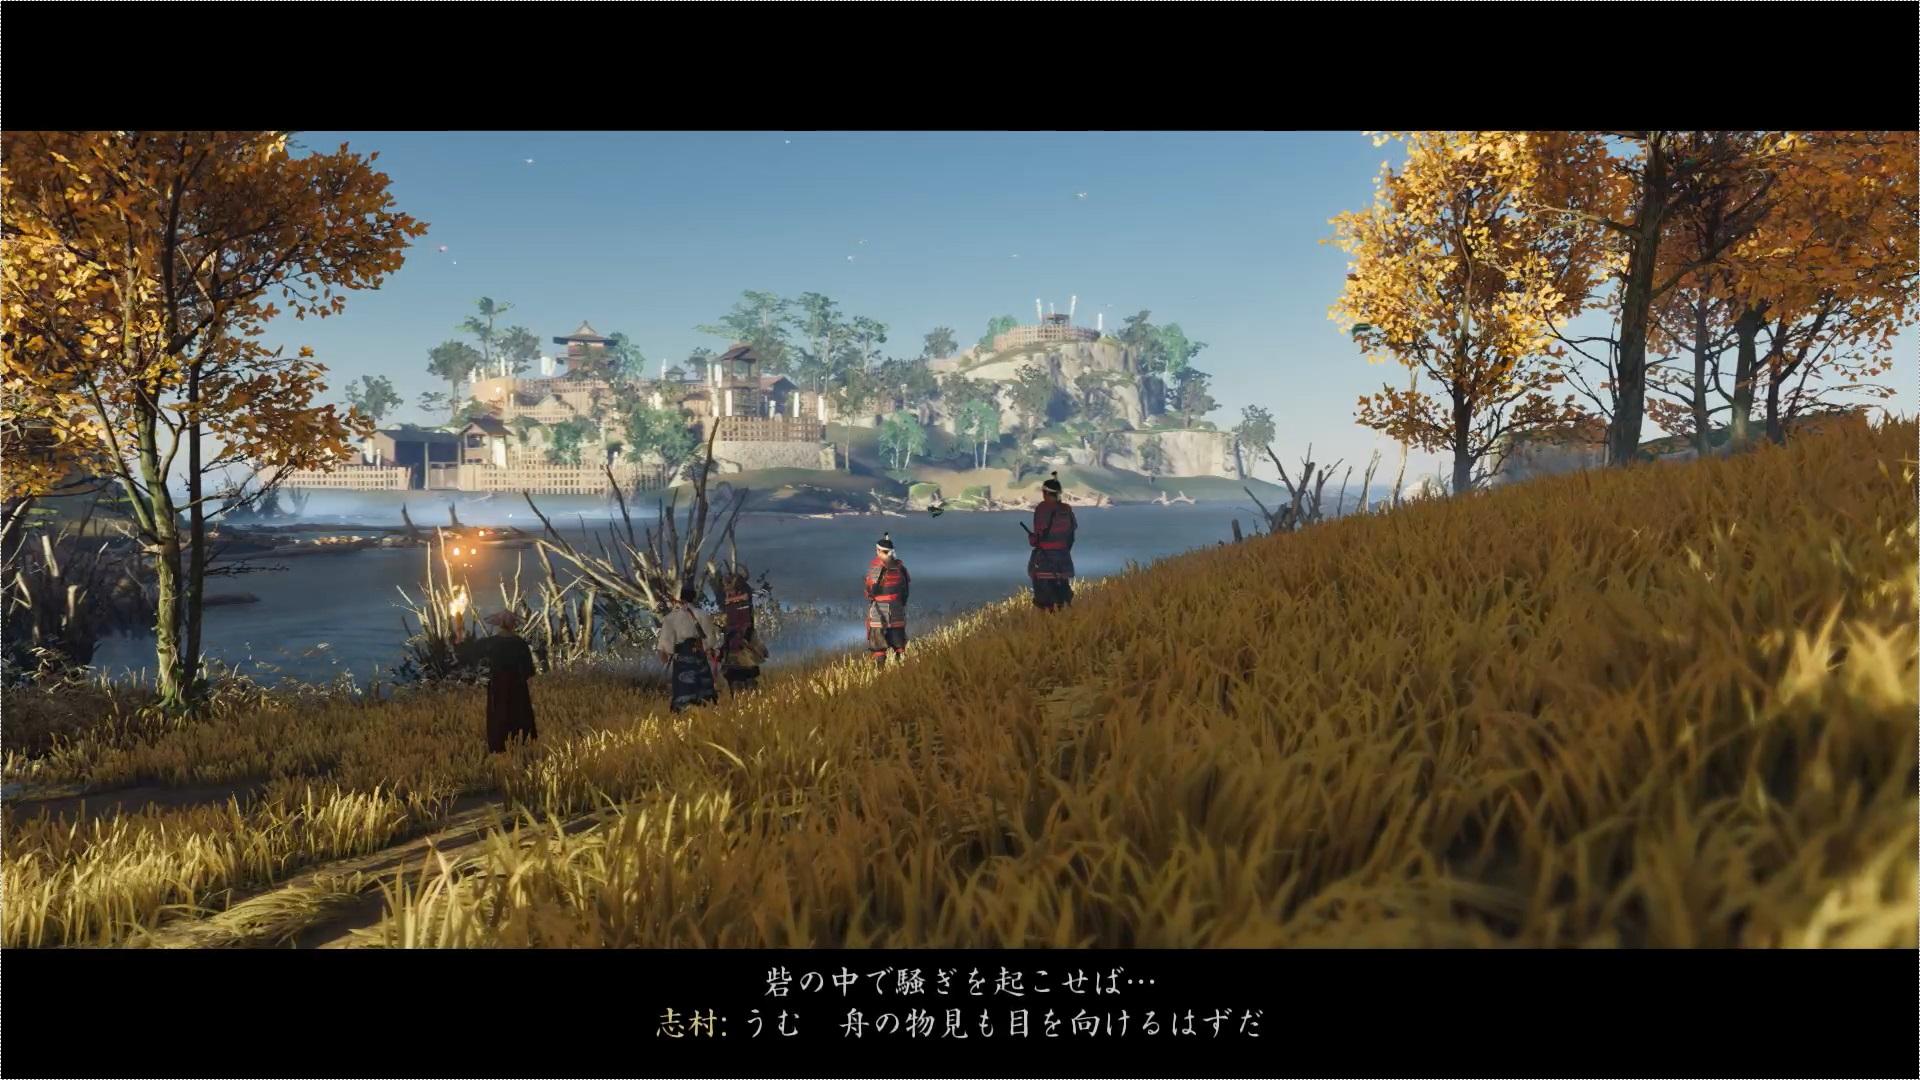 五郎でも簡単には包囲網を抜けられないため、五郎の船から目をそらすため、志村殿と仁は砦に乗り込むことになった。